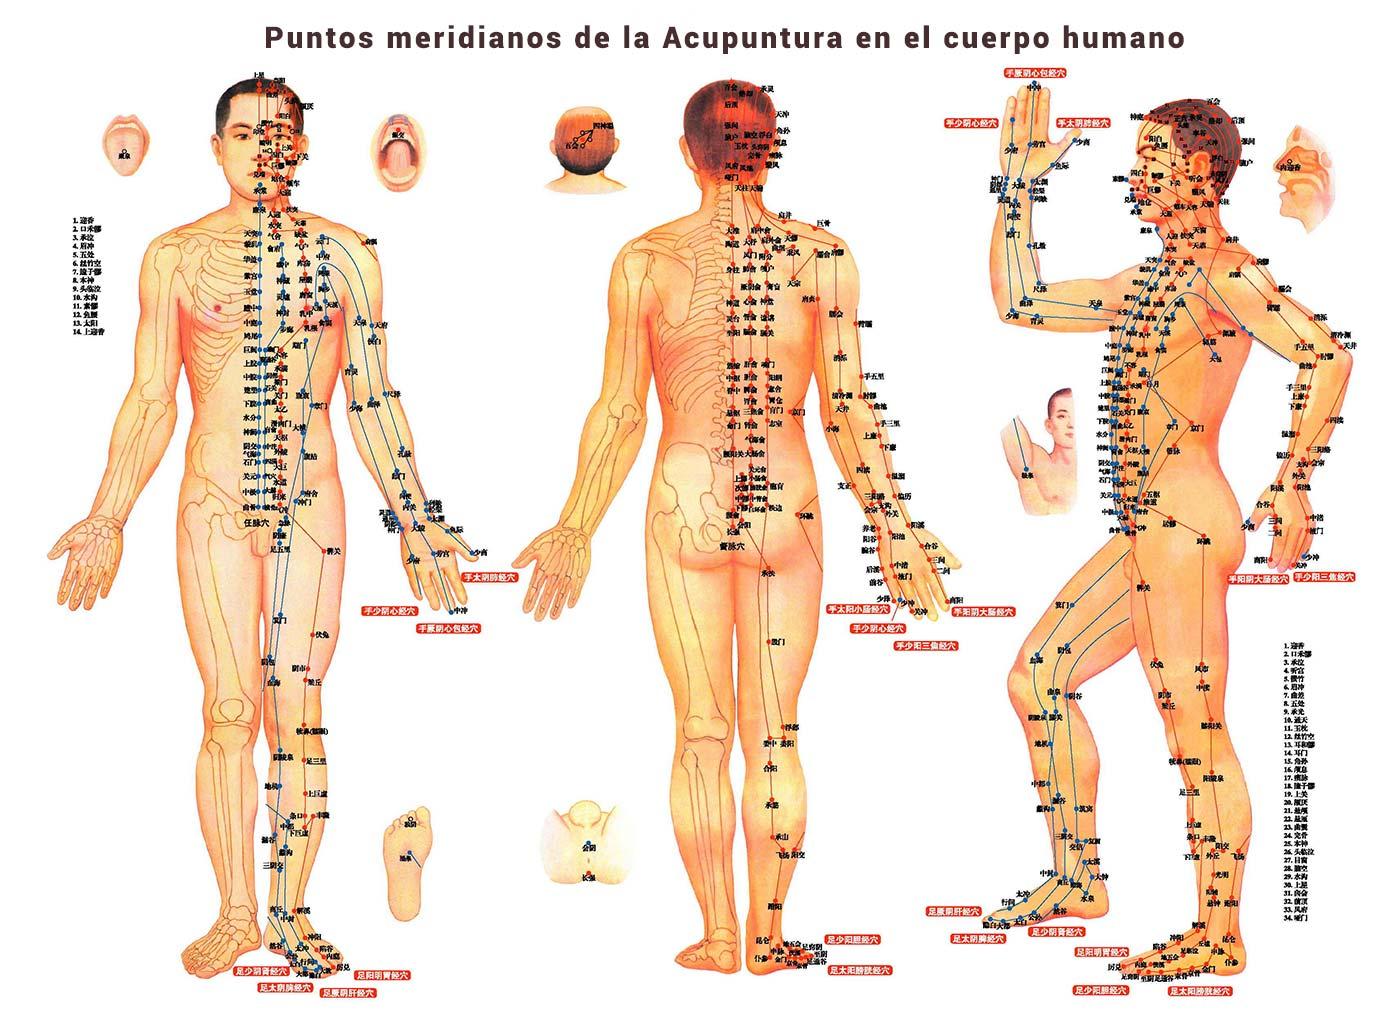 Resultado de imagen para que es la acupuntura